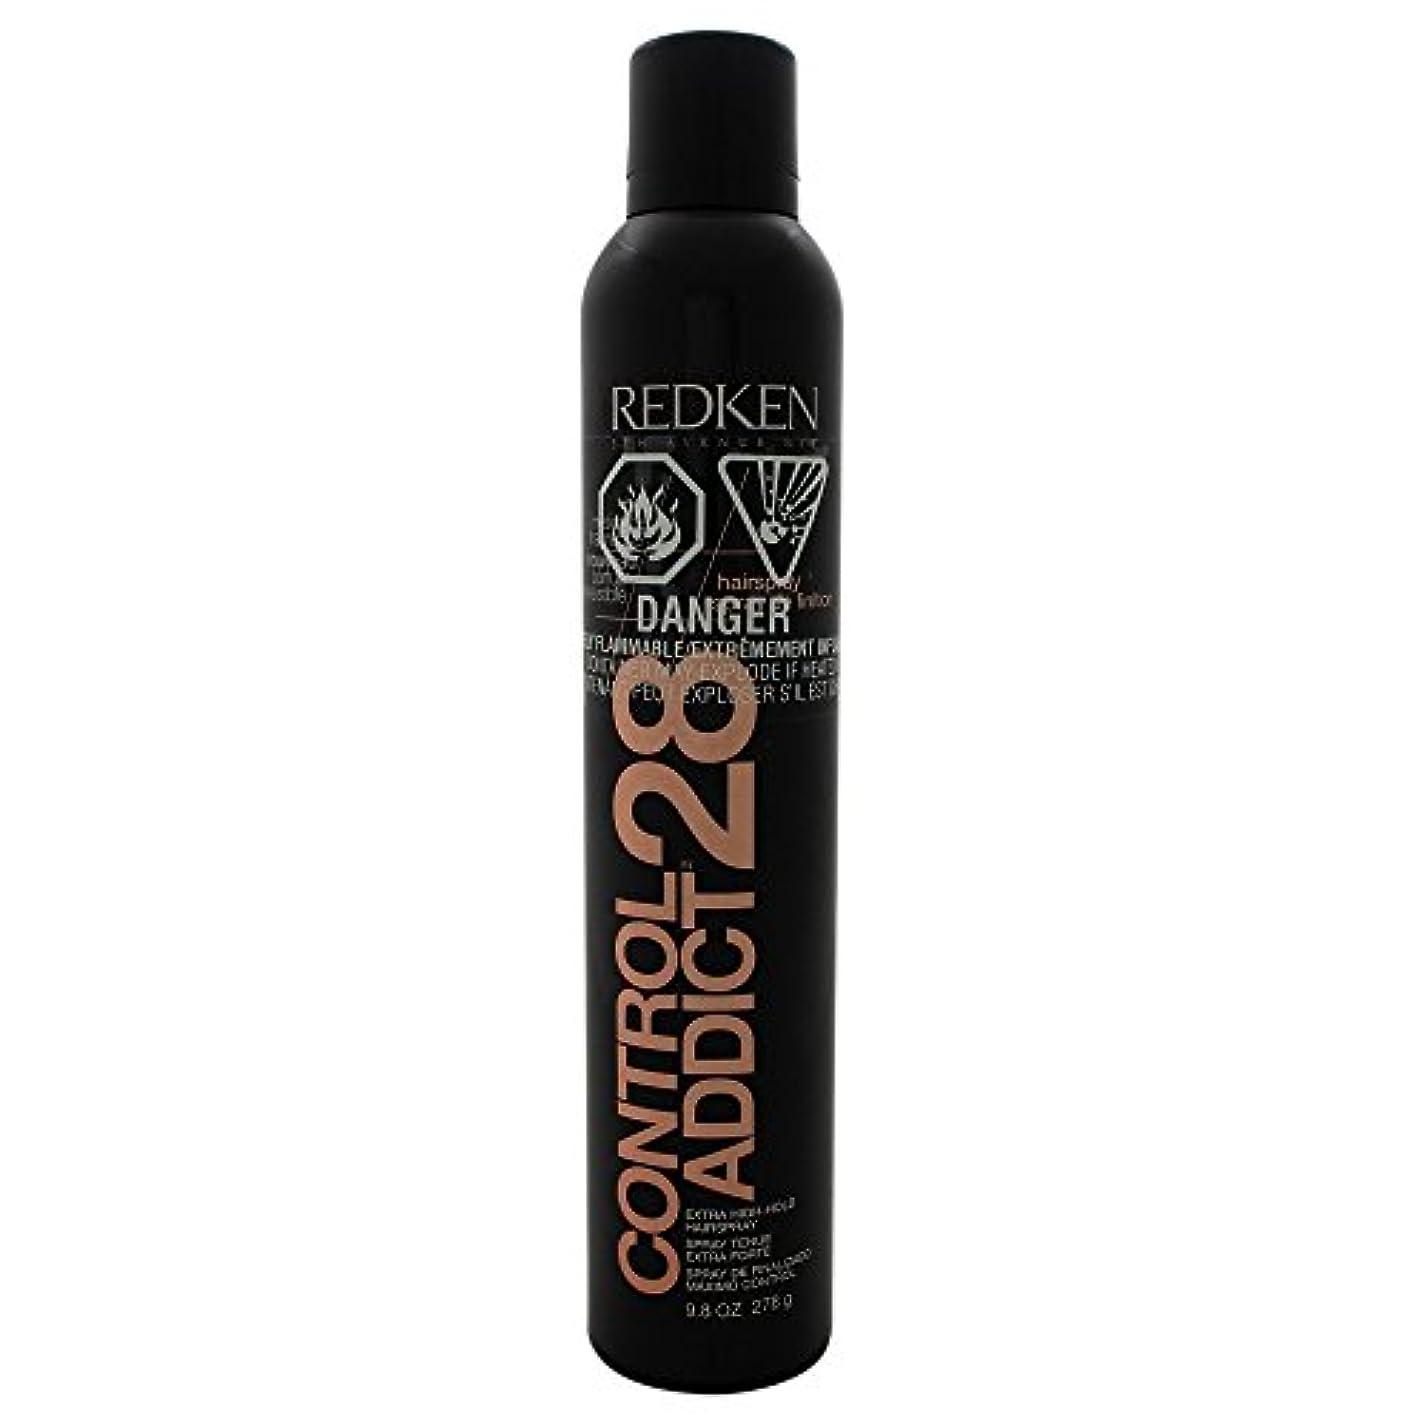 投資する欠点ペルソナby Redken CONTROL ADDICT 28 EXTRA-HIGH HOLD HAIR SPRAY 9.8 OZ(BLACK PACKAGING) by REDKEN